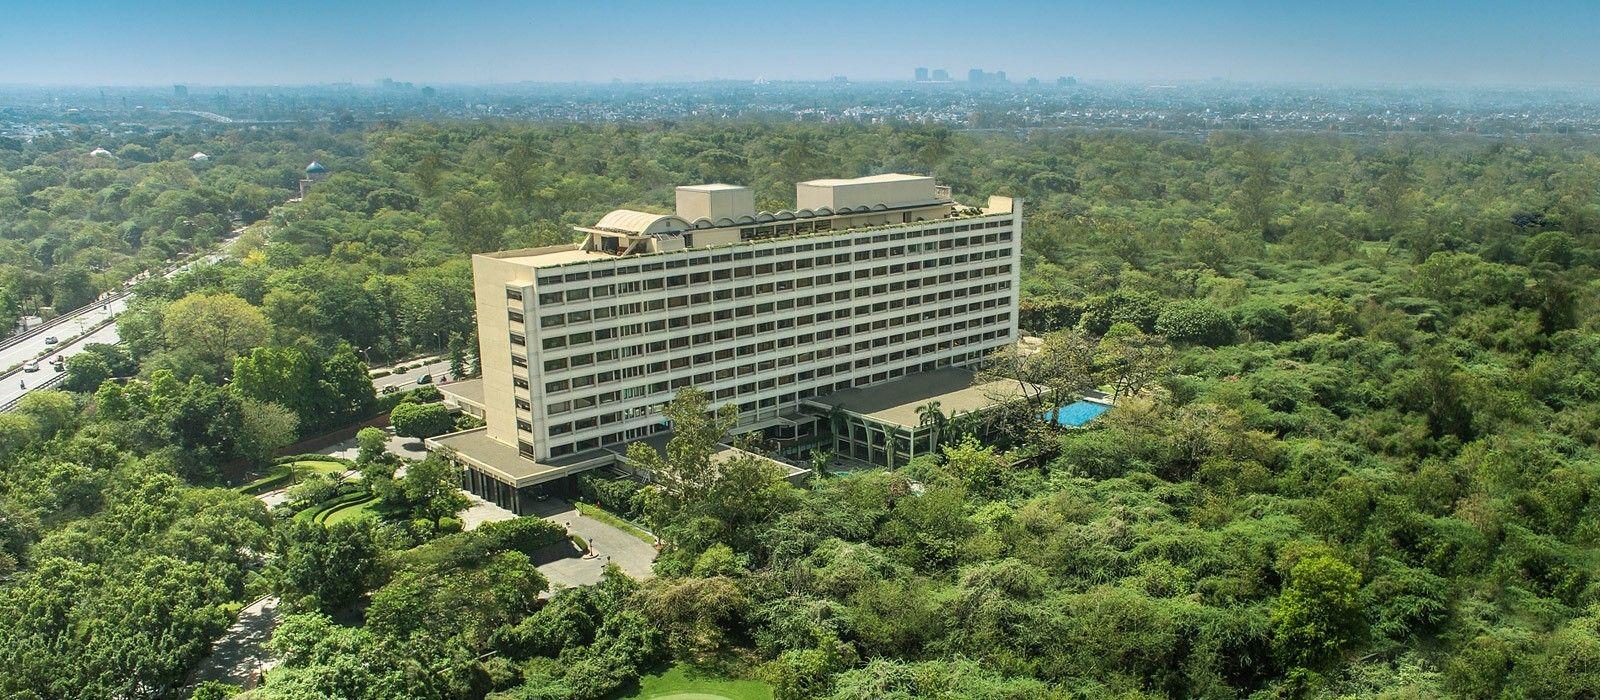 Hotel The Oberoi New Delhi North India